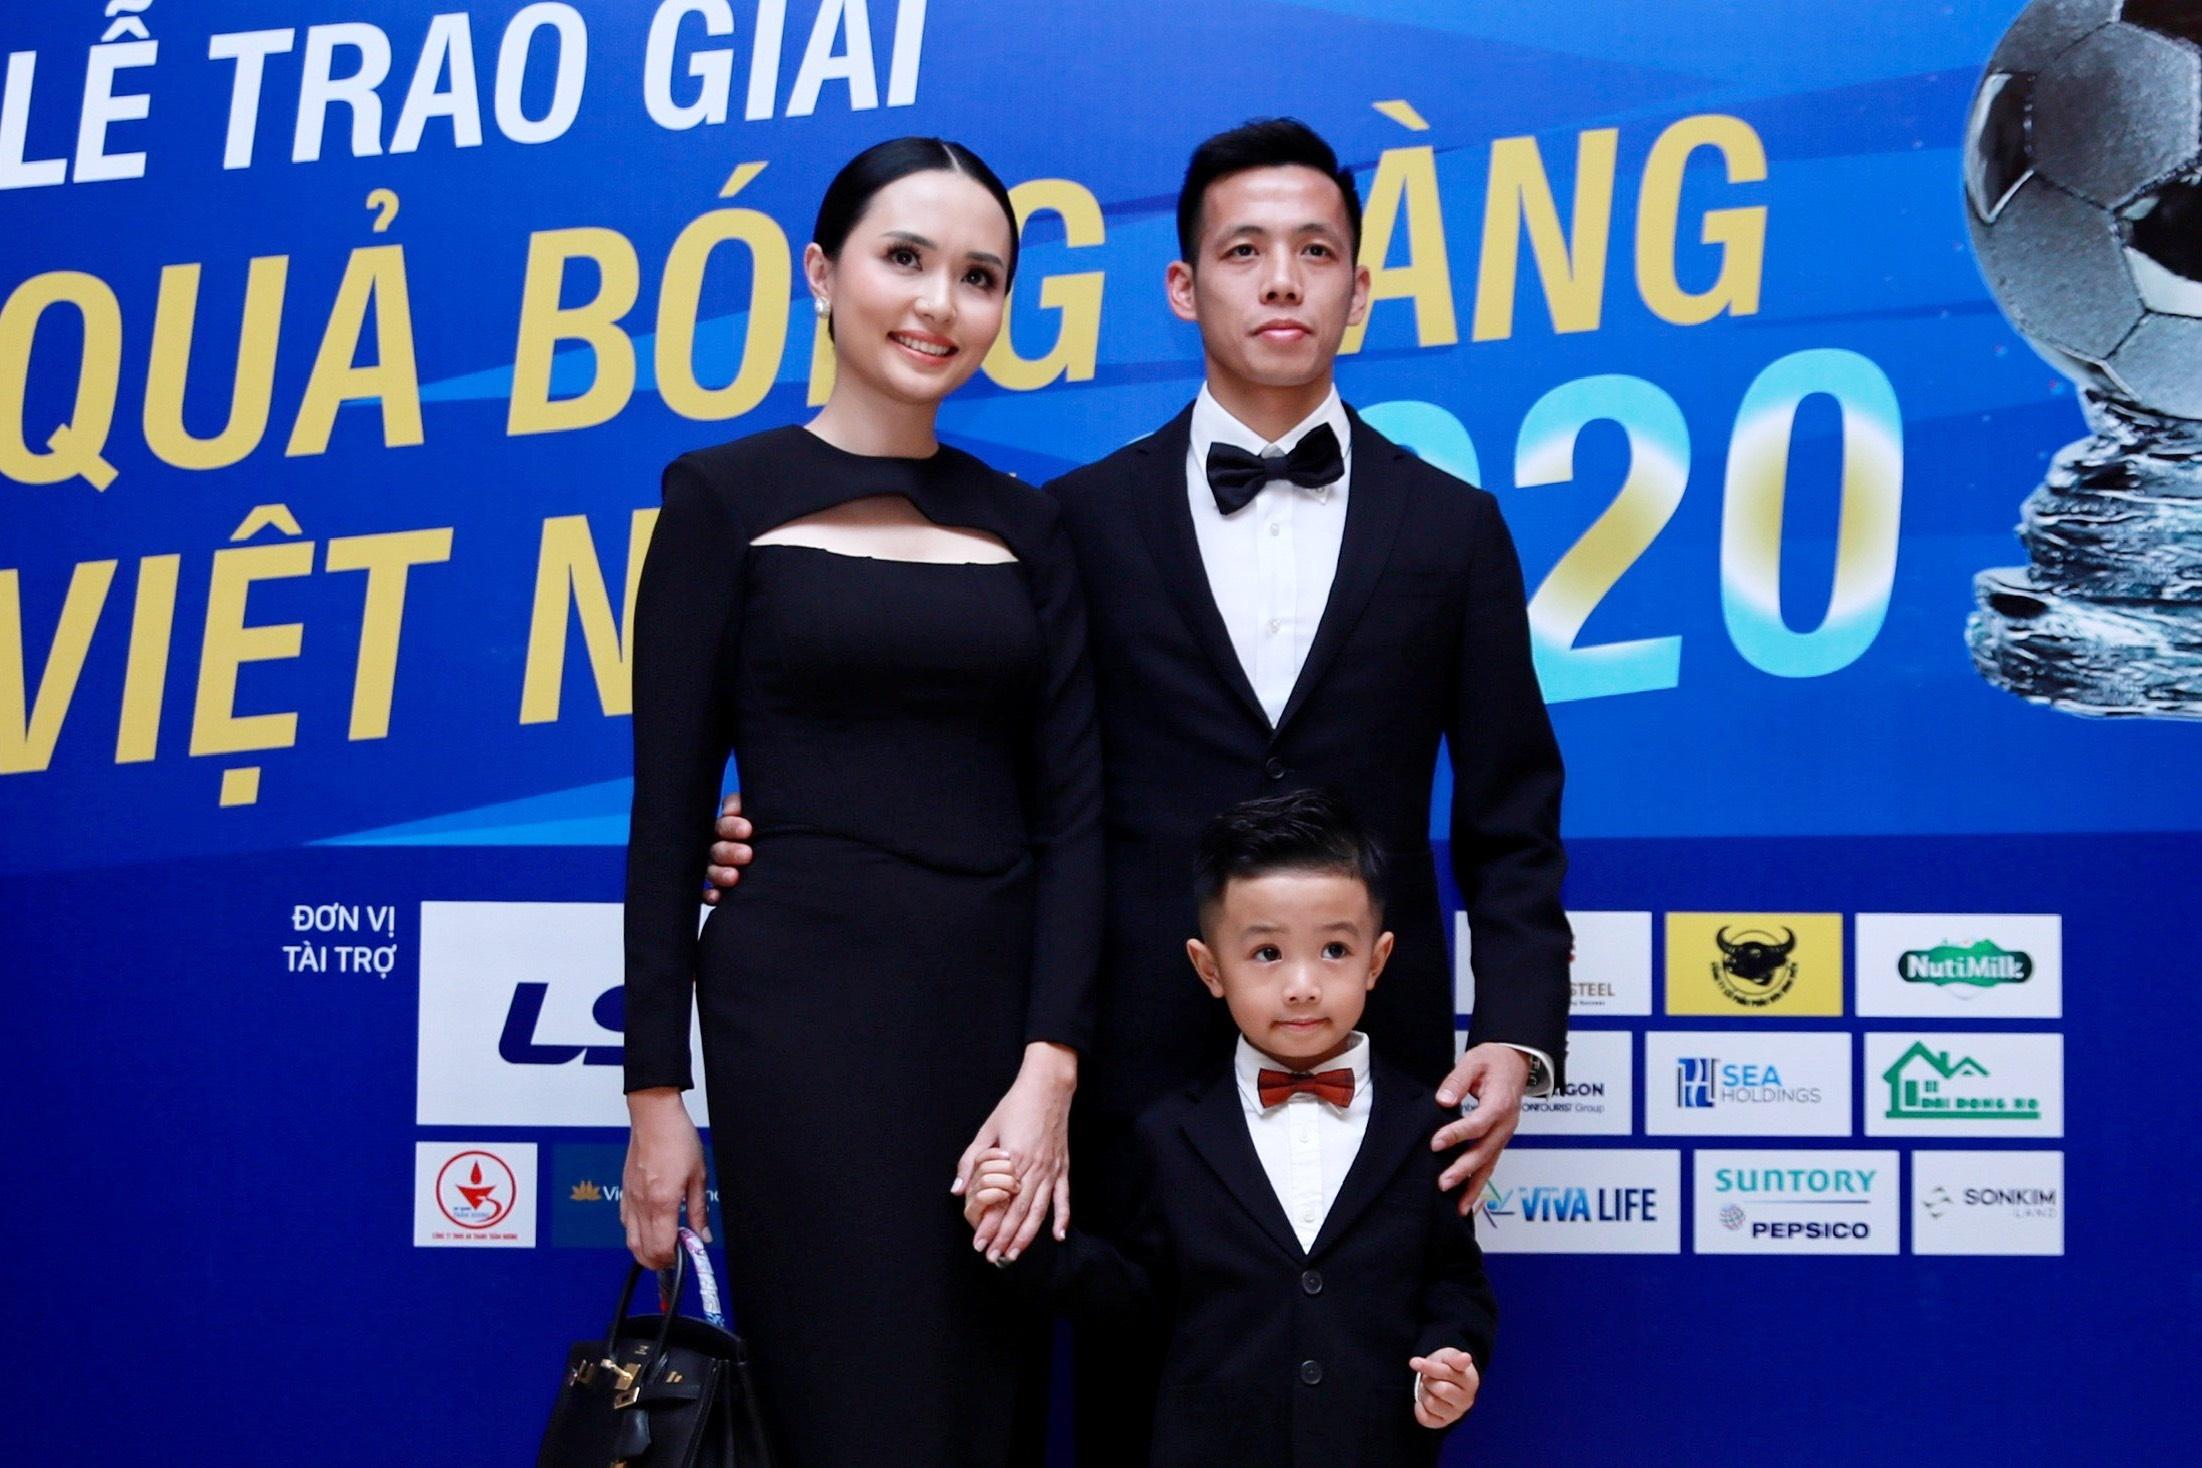 Van Quyet rang ro cung vo con du gala Qua bong Vang 2020 hinh anh